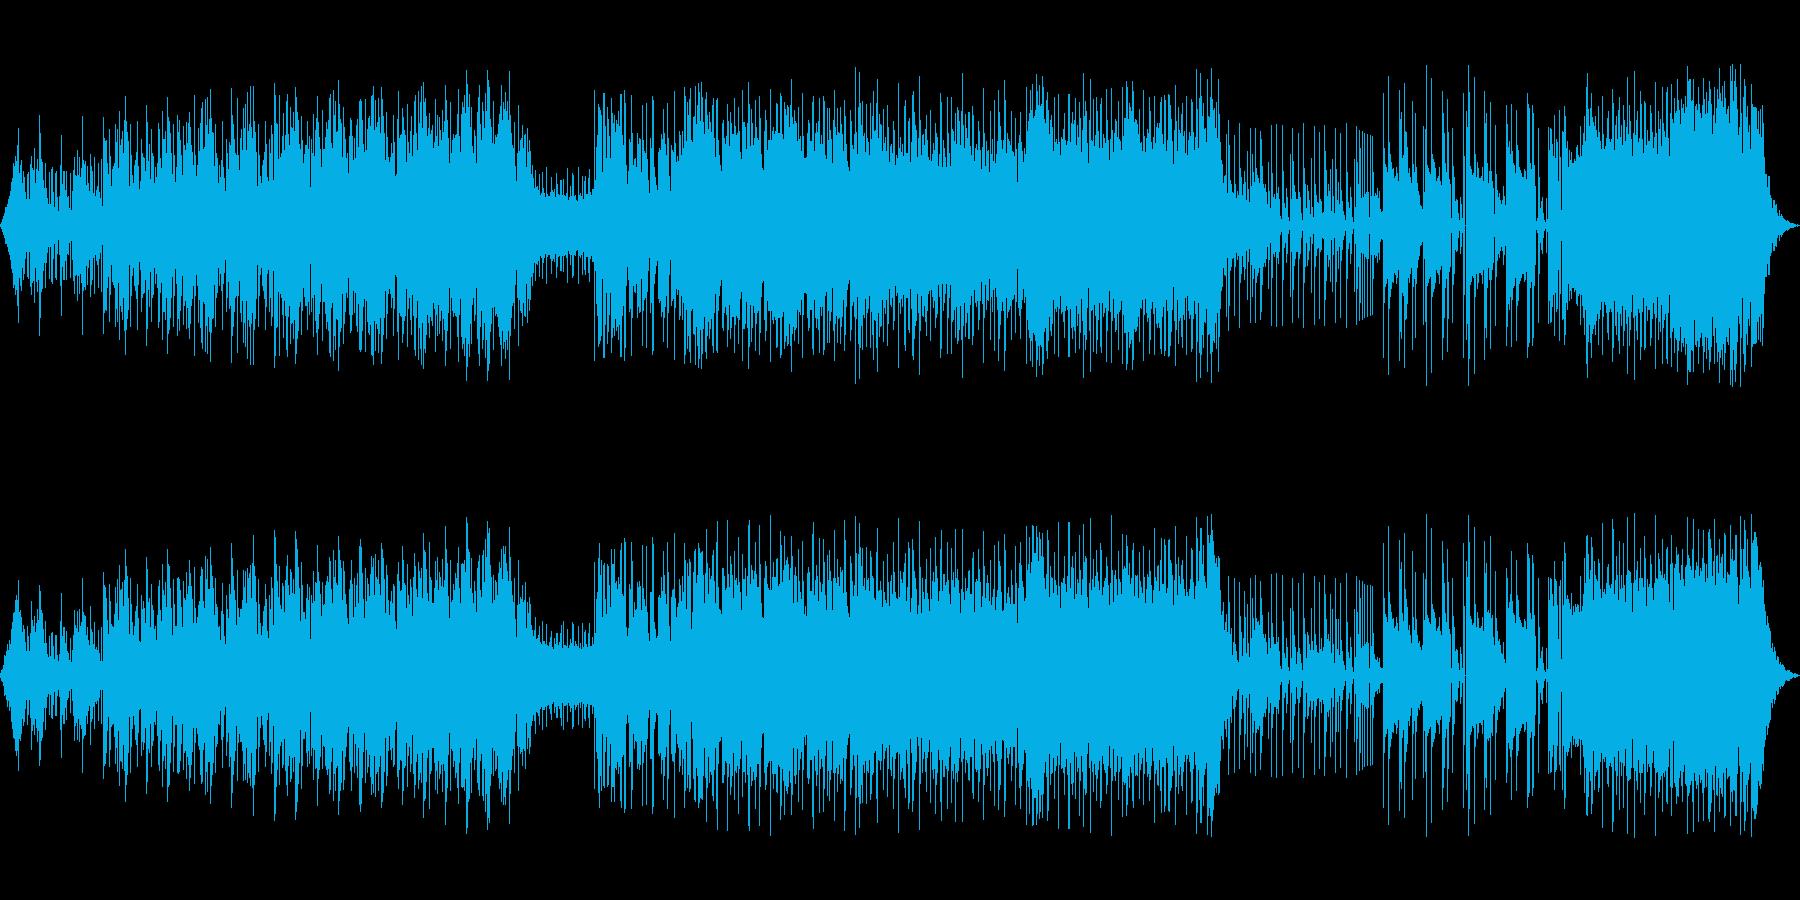 独特な緊張感のあるエレクトロニックロックの再生済みの波形